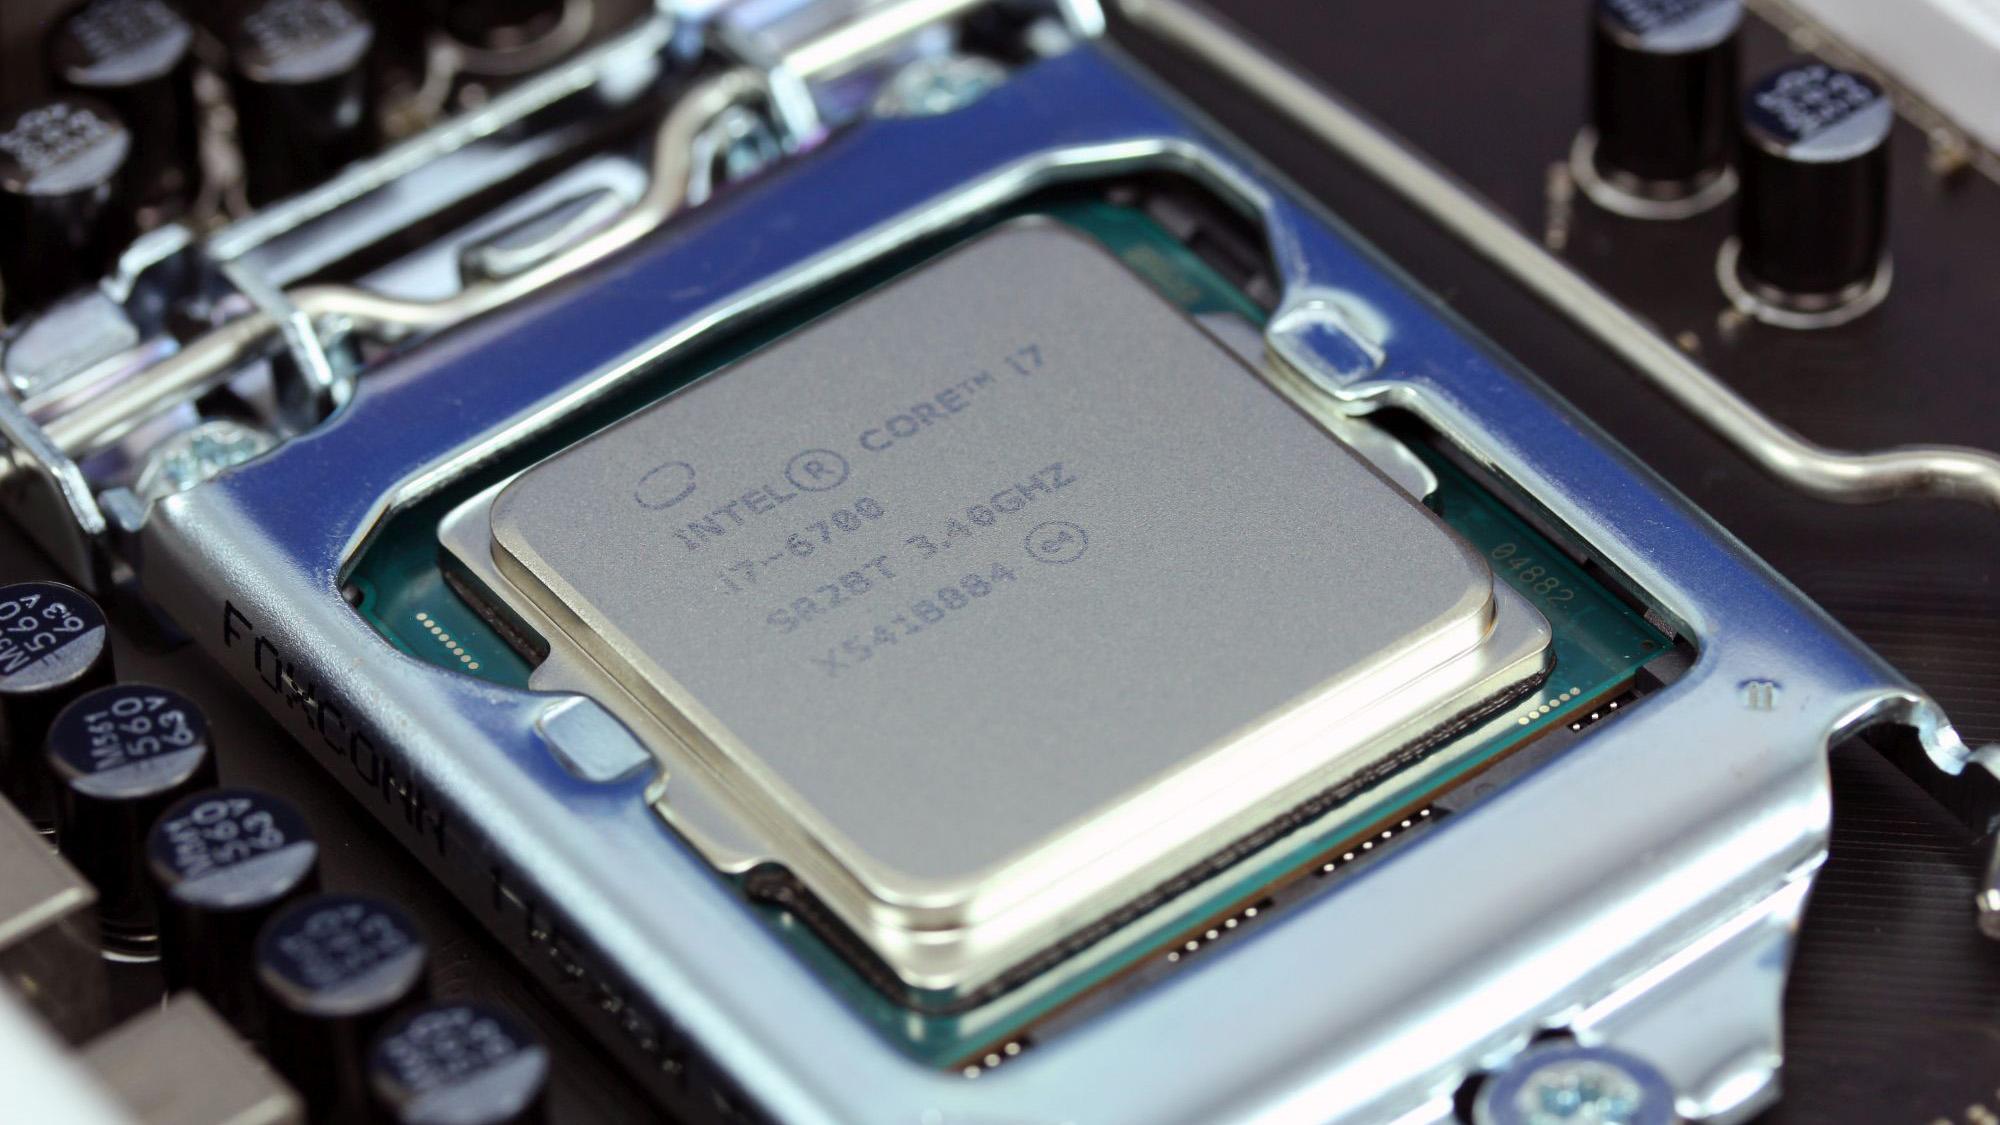 Intel Core i7-6700K med integrerad grafikdel